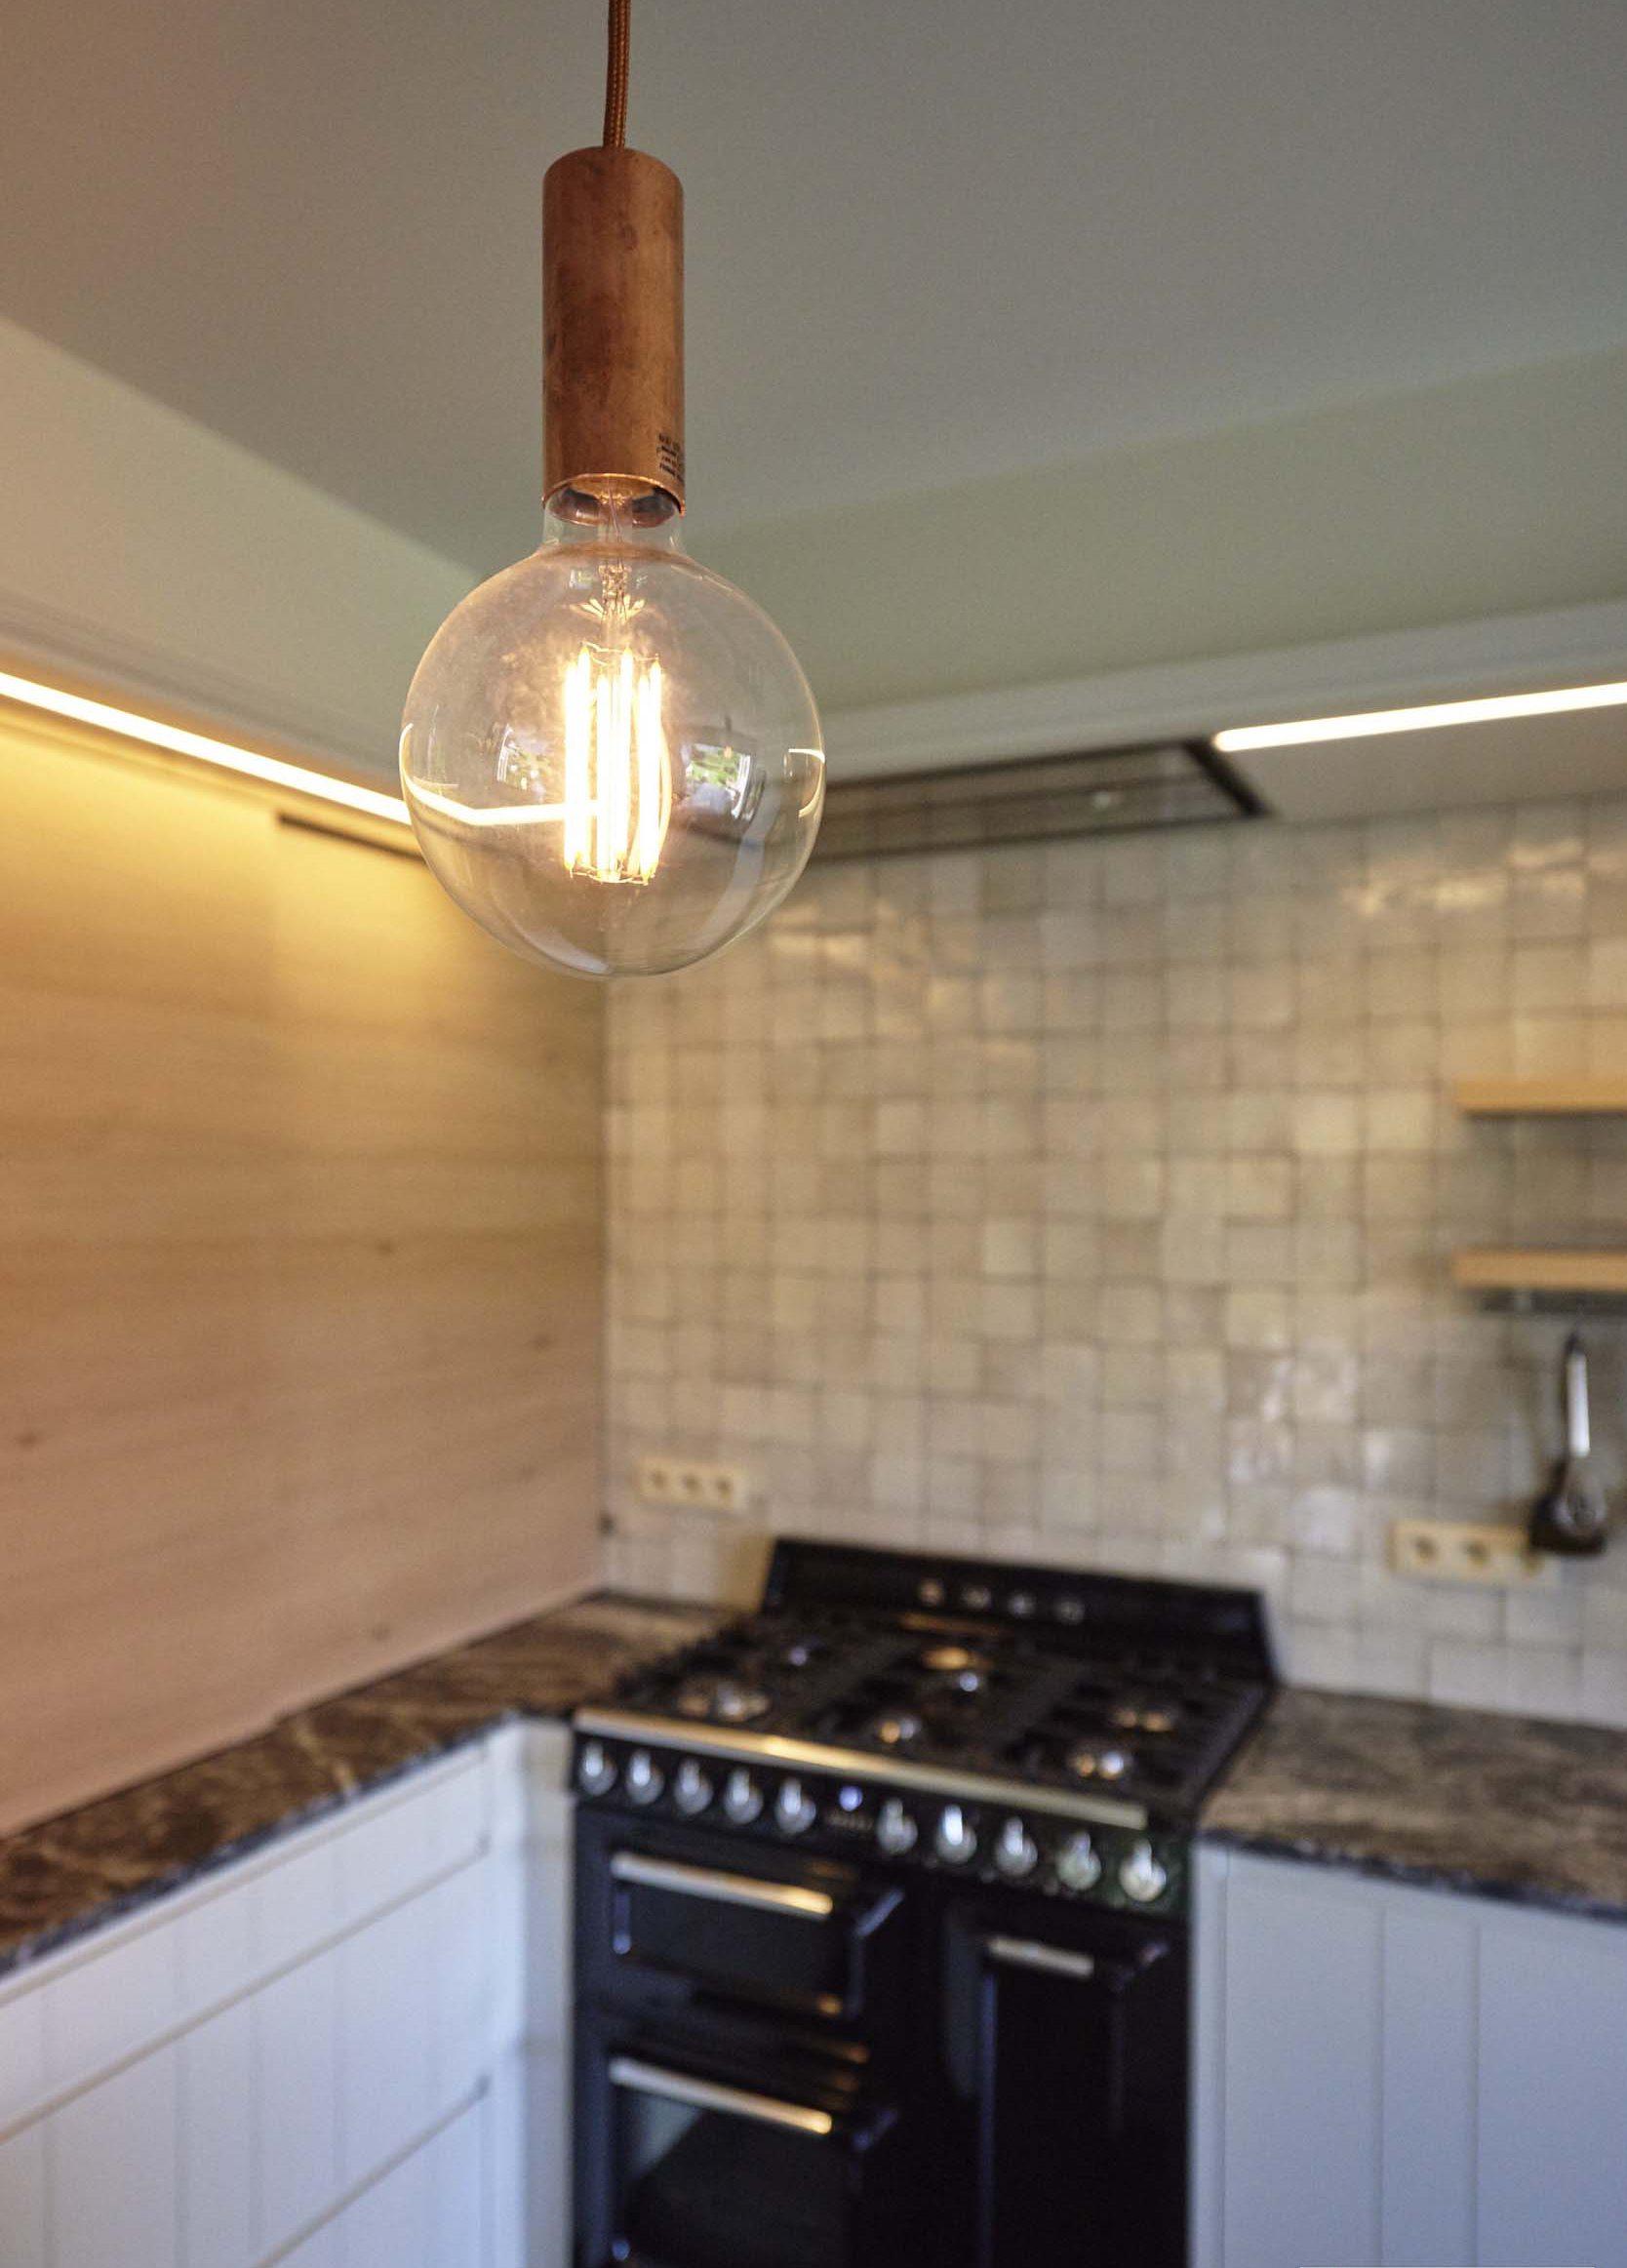 Vanda-projects-interieurinrichting-meubelmakerij-oost-vlaanderen-dumoulin-lamp